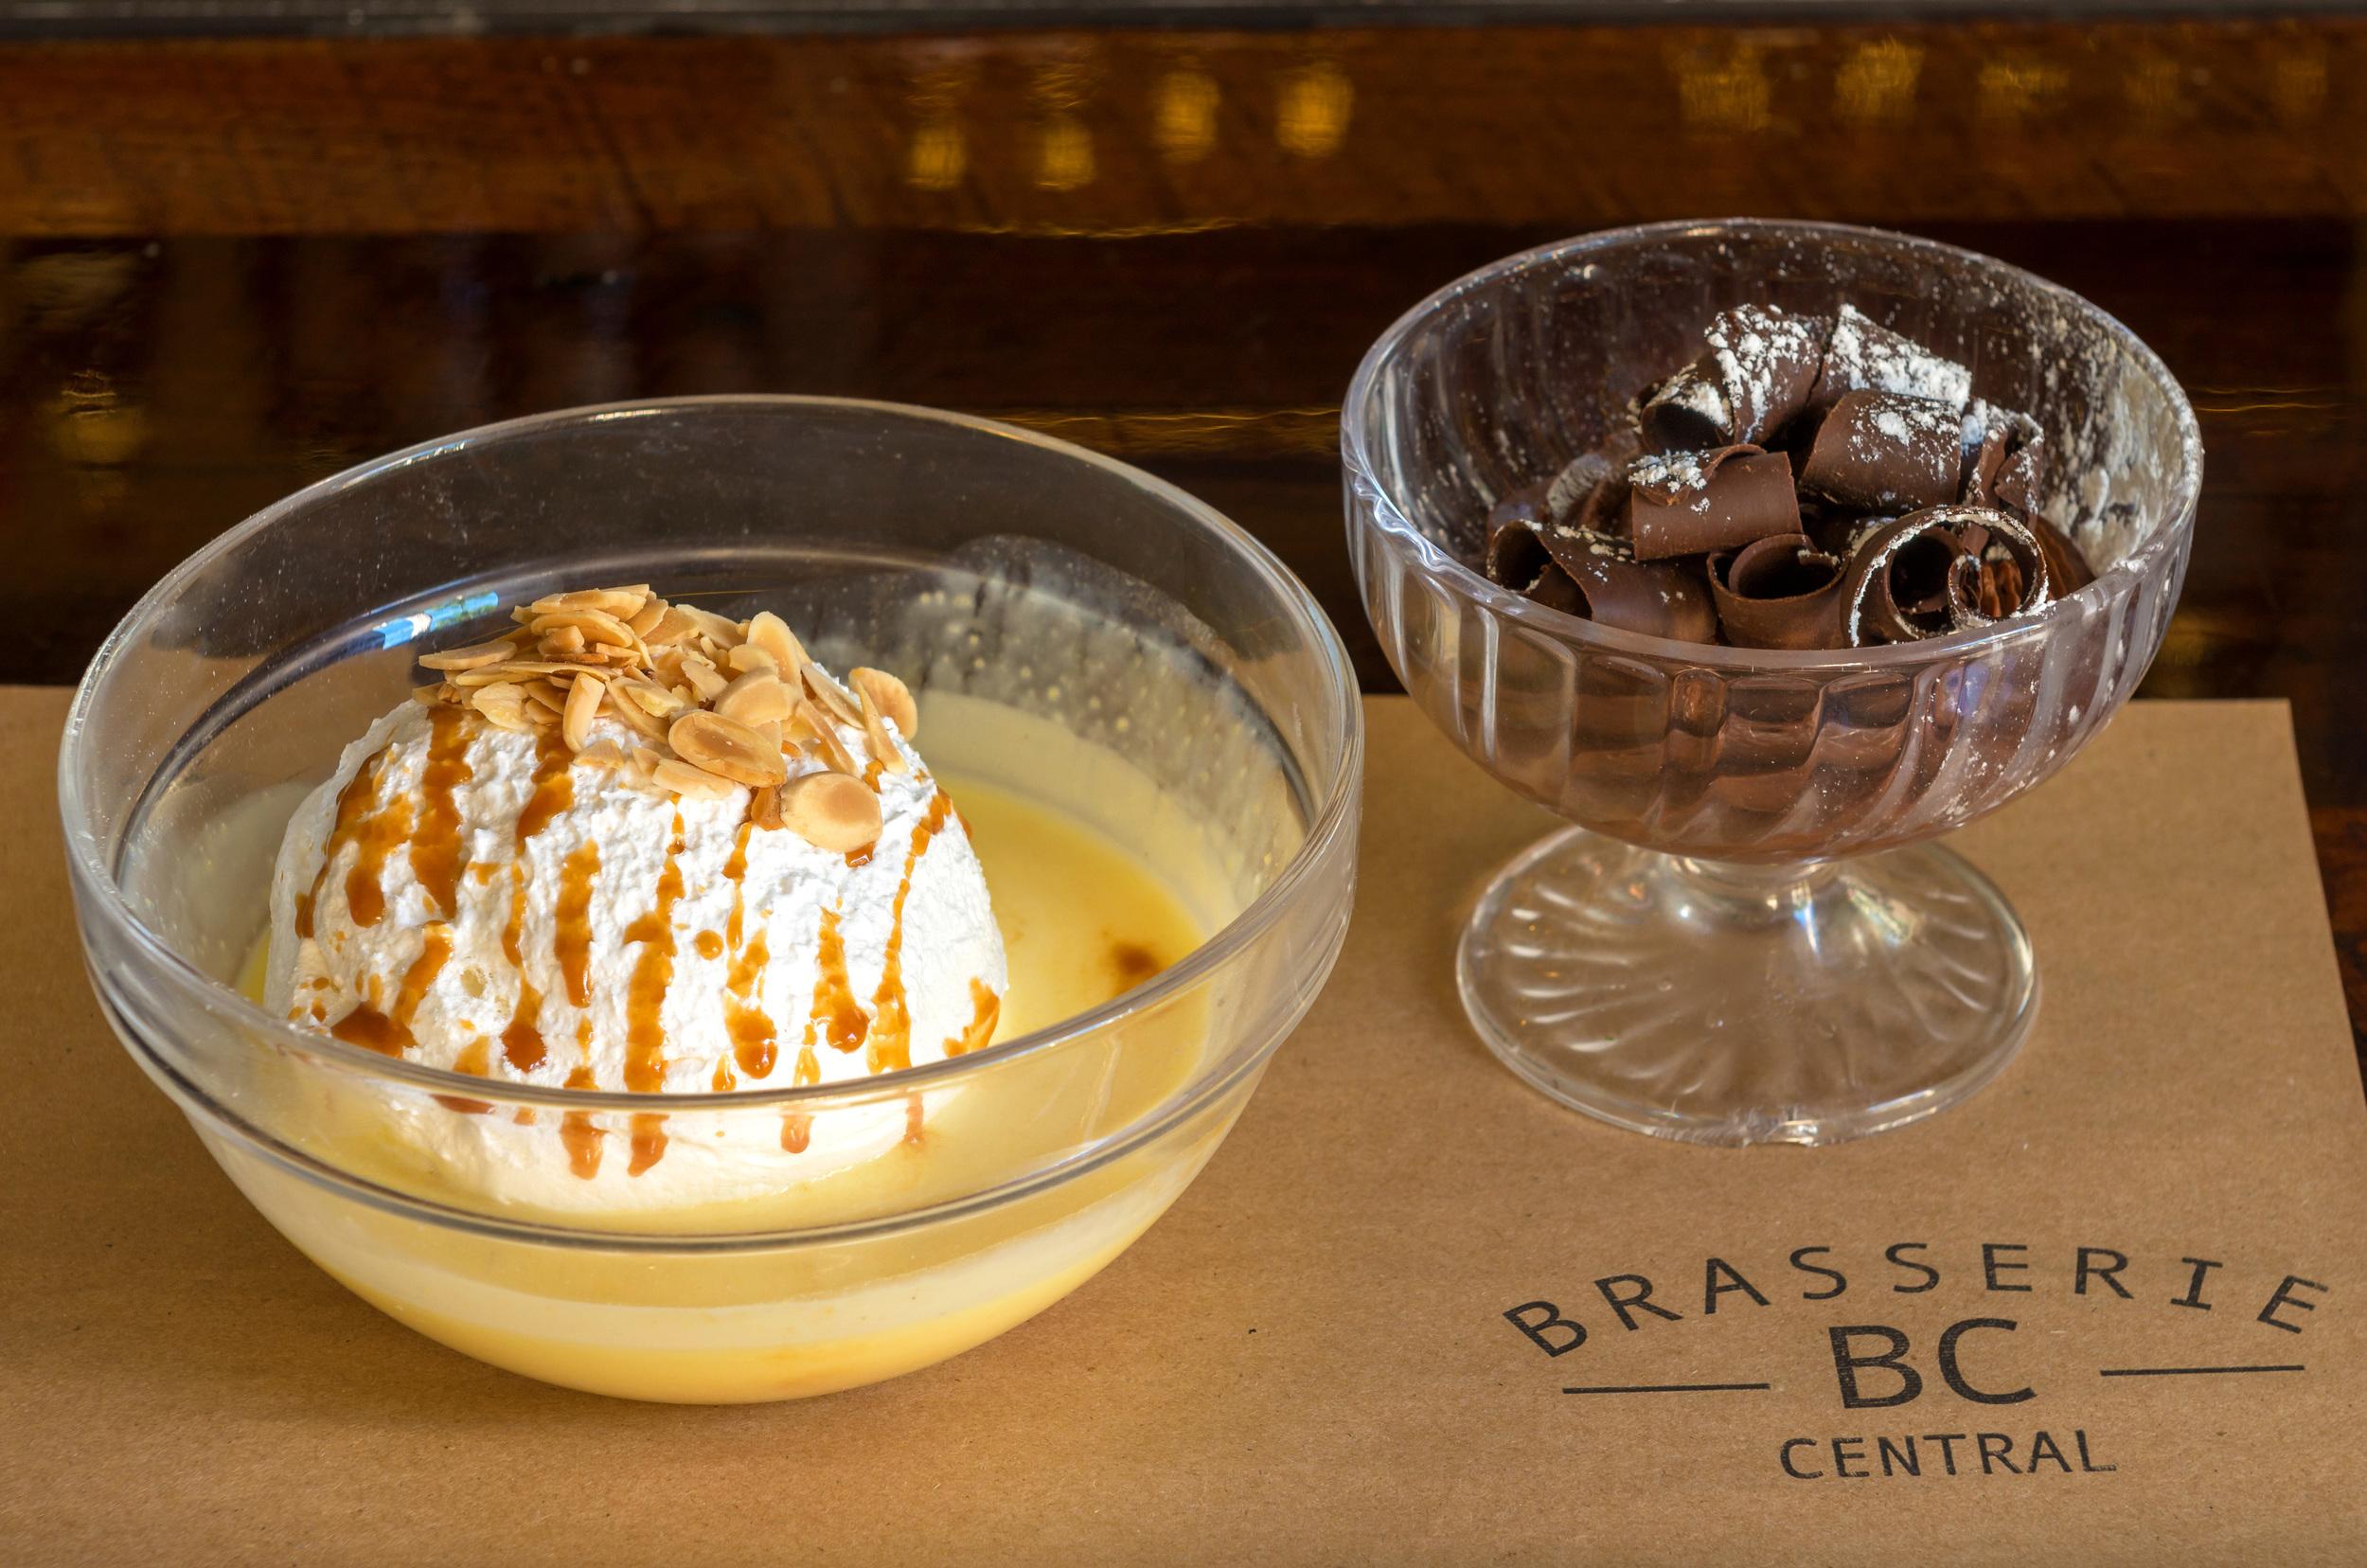 Brasserie Central Miami Dessert